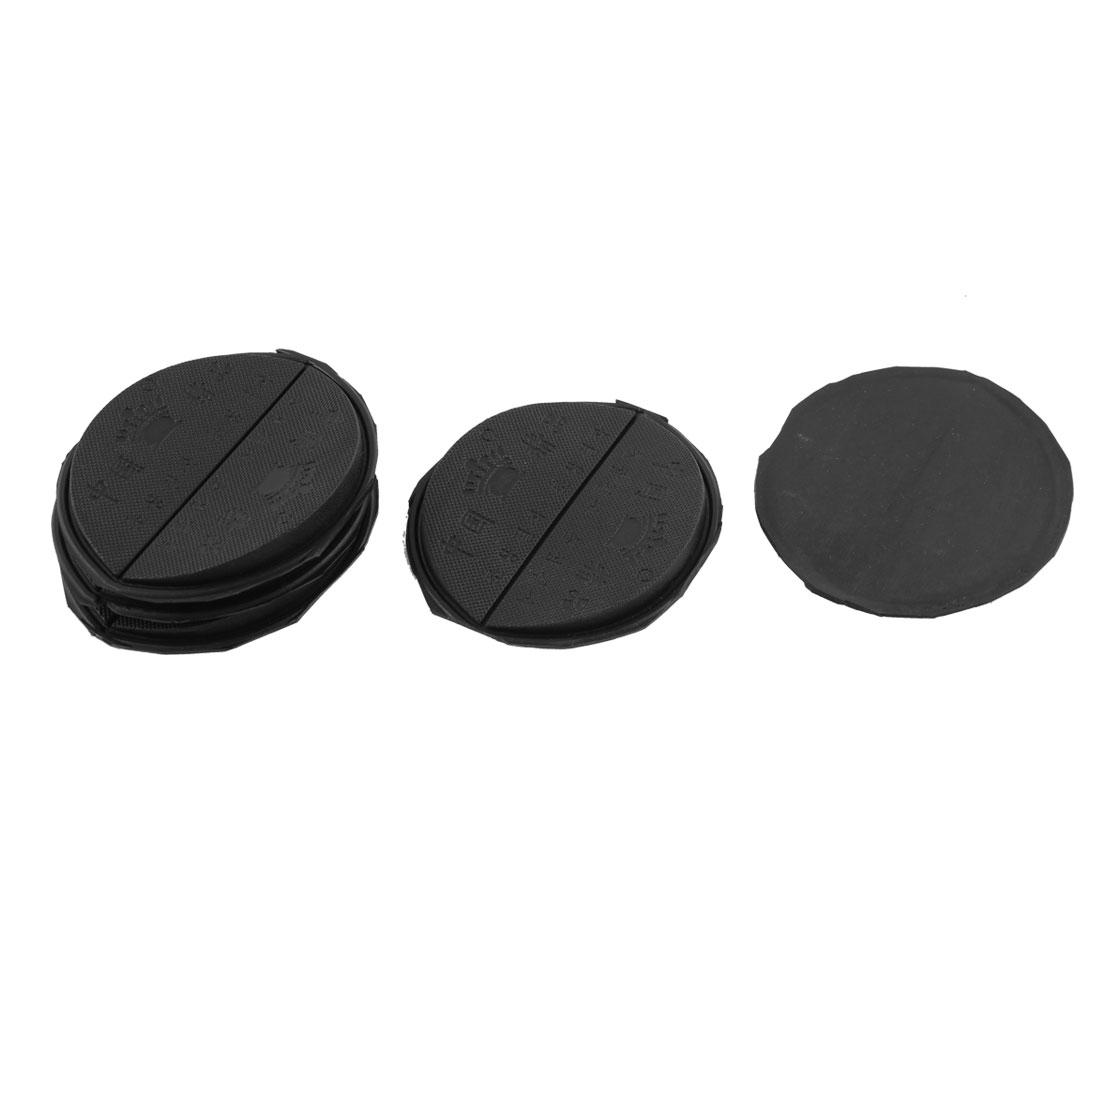 5 Pairs Rubber Non-Slip Shoe Repair Pad Taps Black